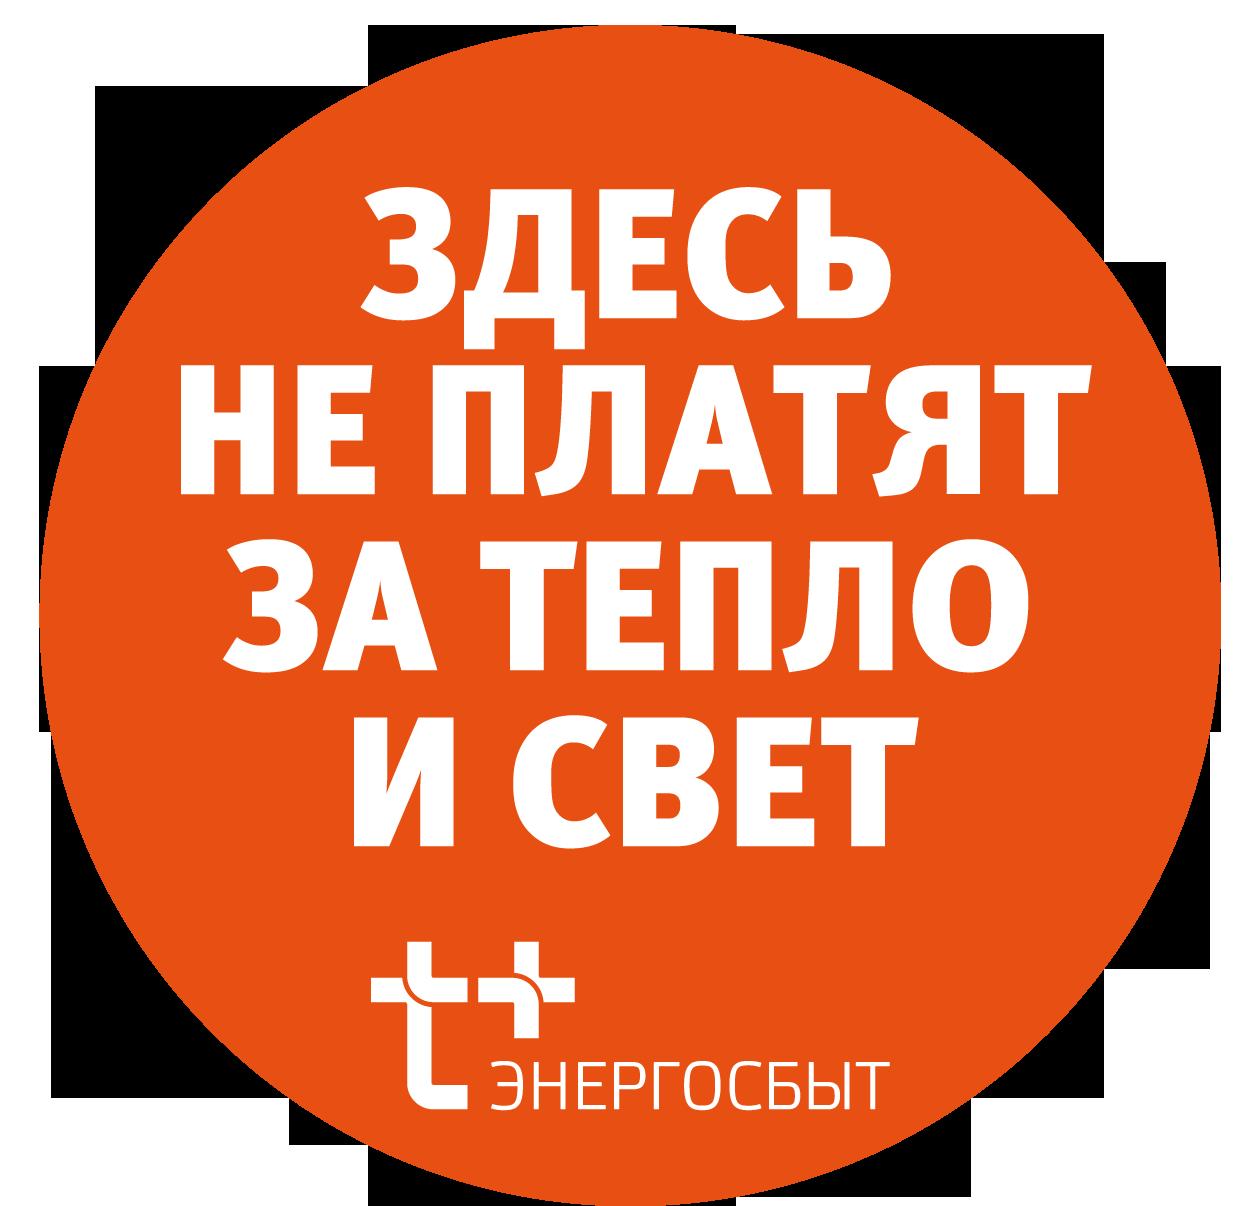 На почтовых ящиках тольяттинцев появились наклейки «Здесь живет должник»